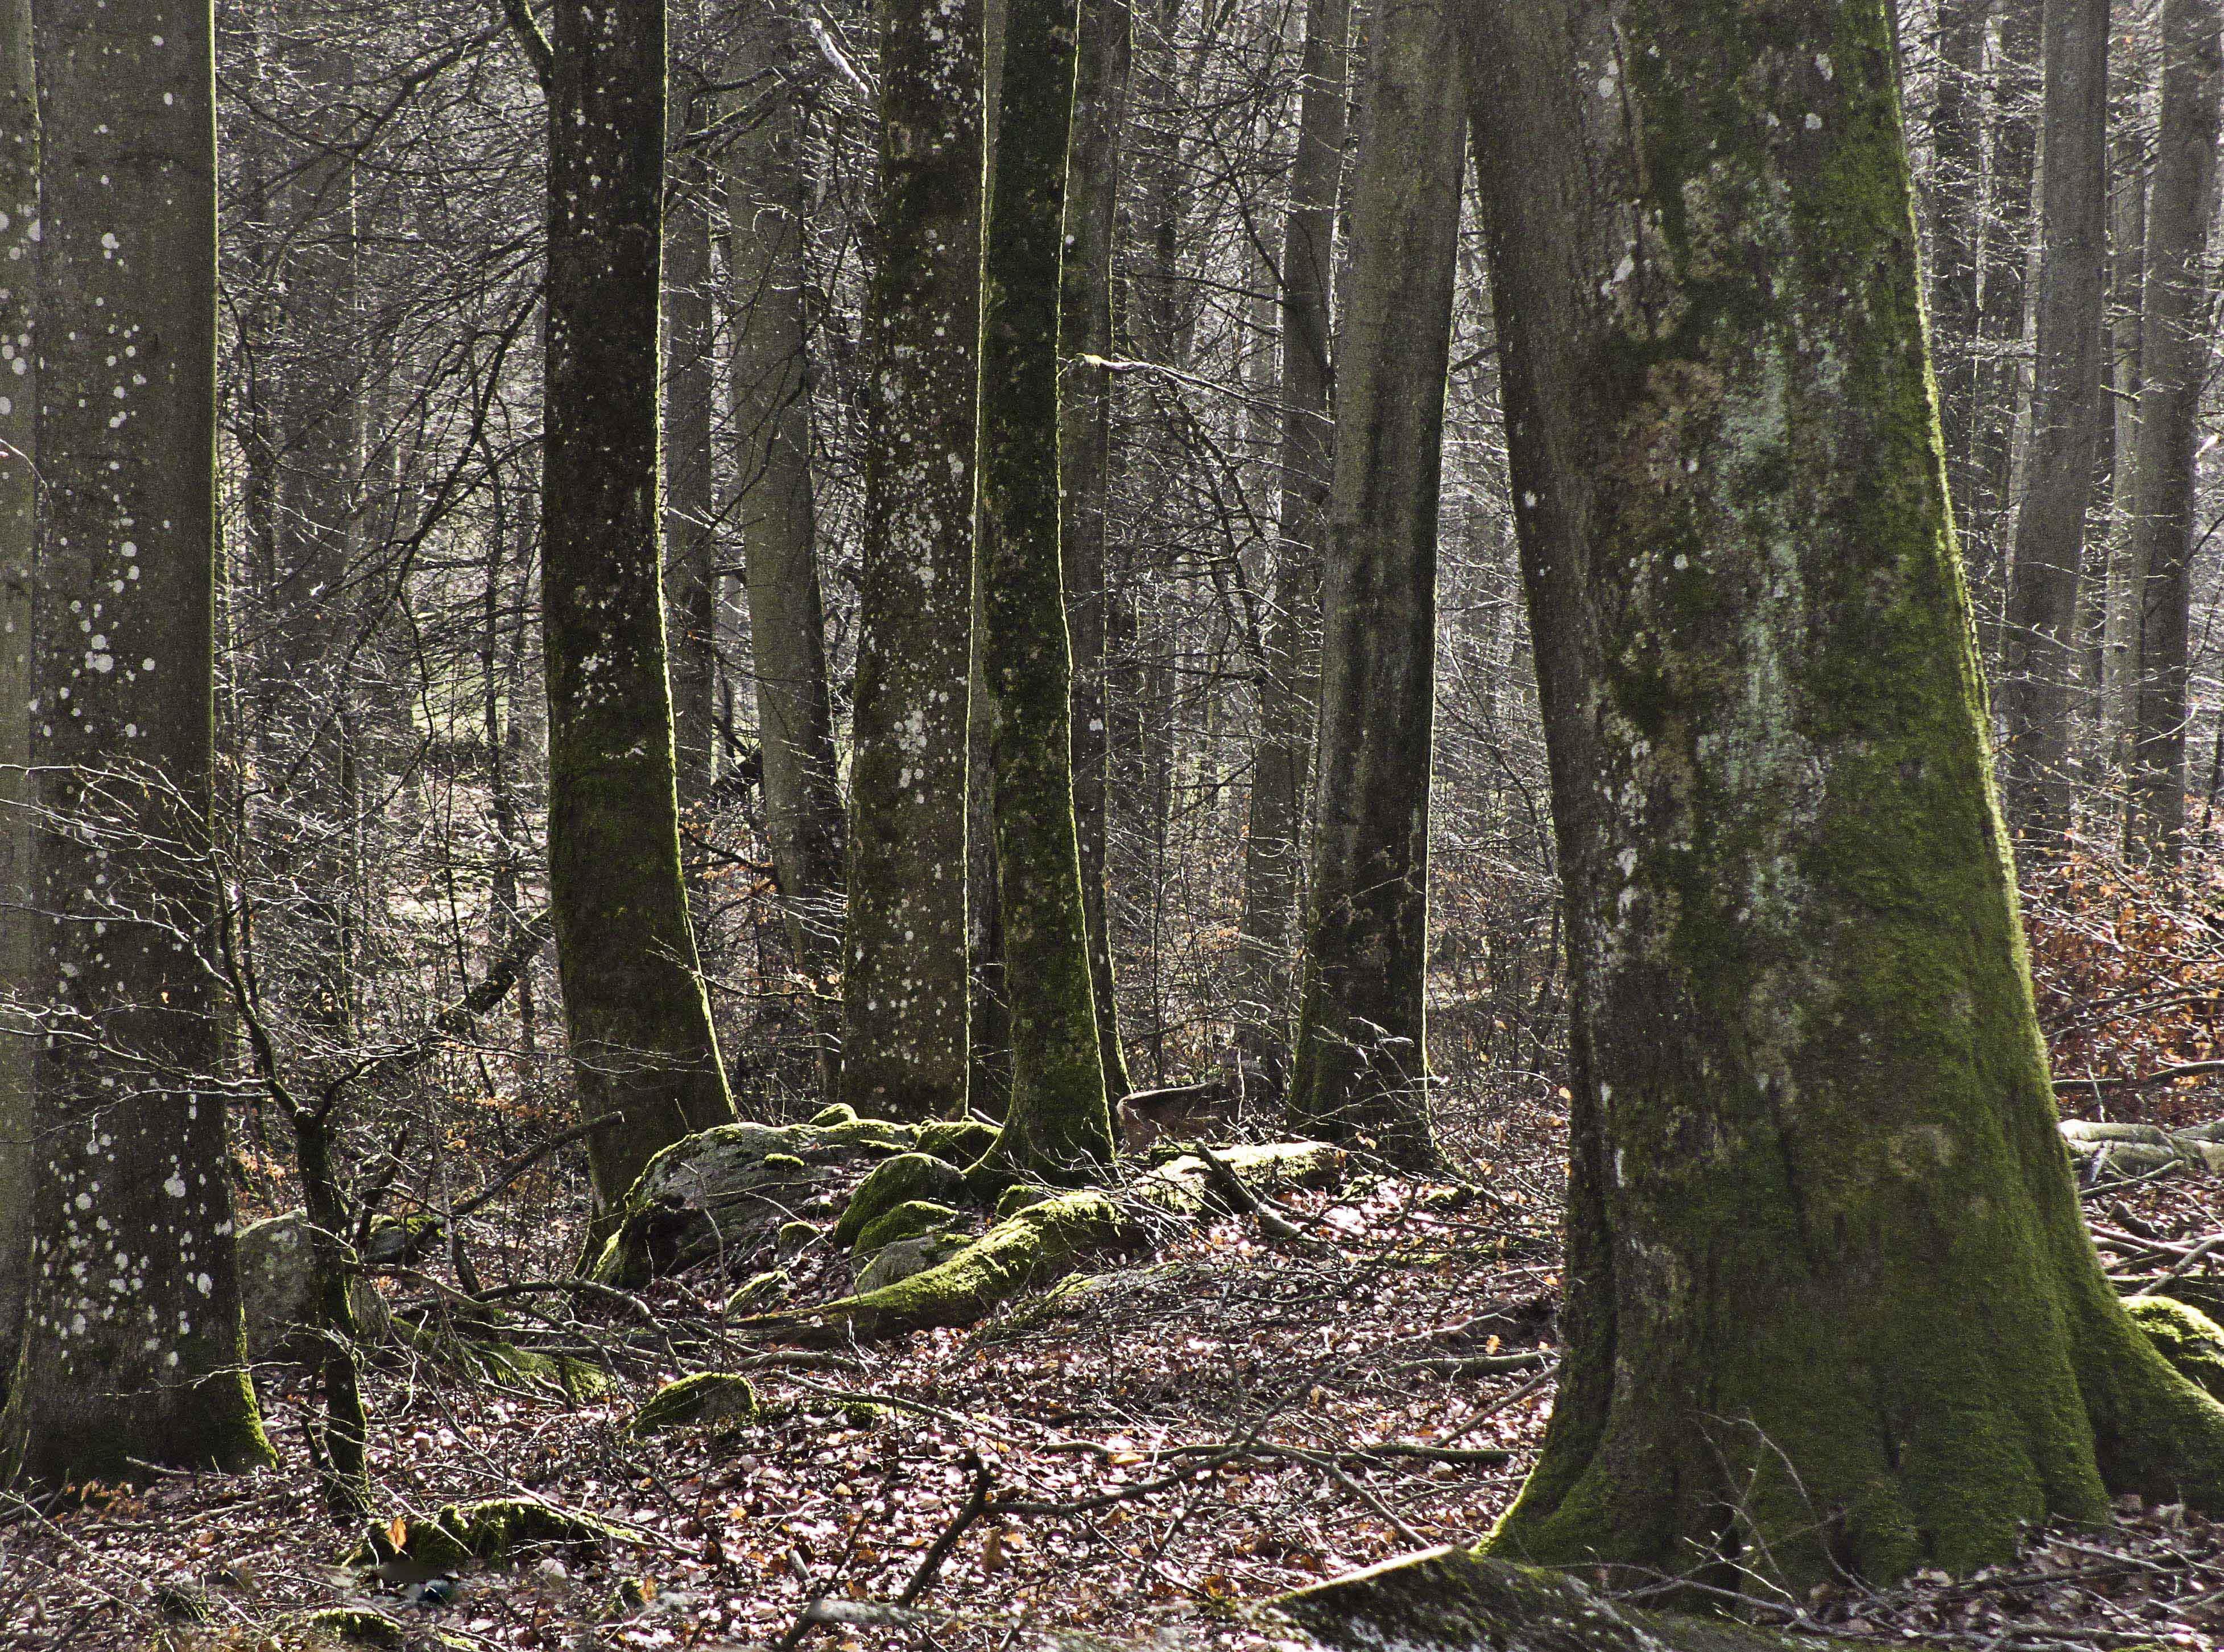 Ser du rådjuret? Can you see the deer?